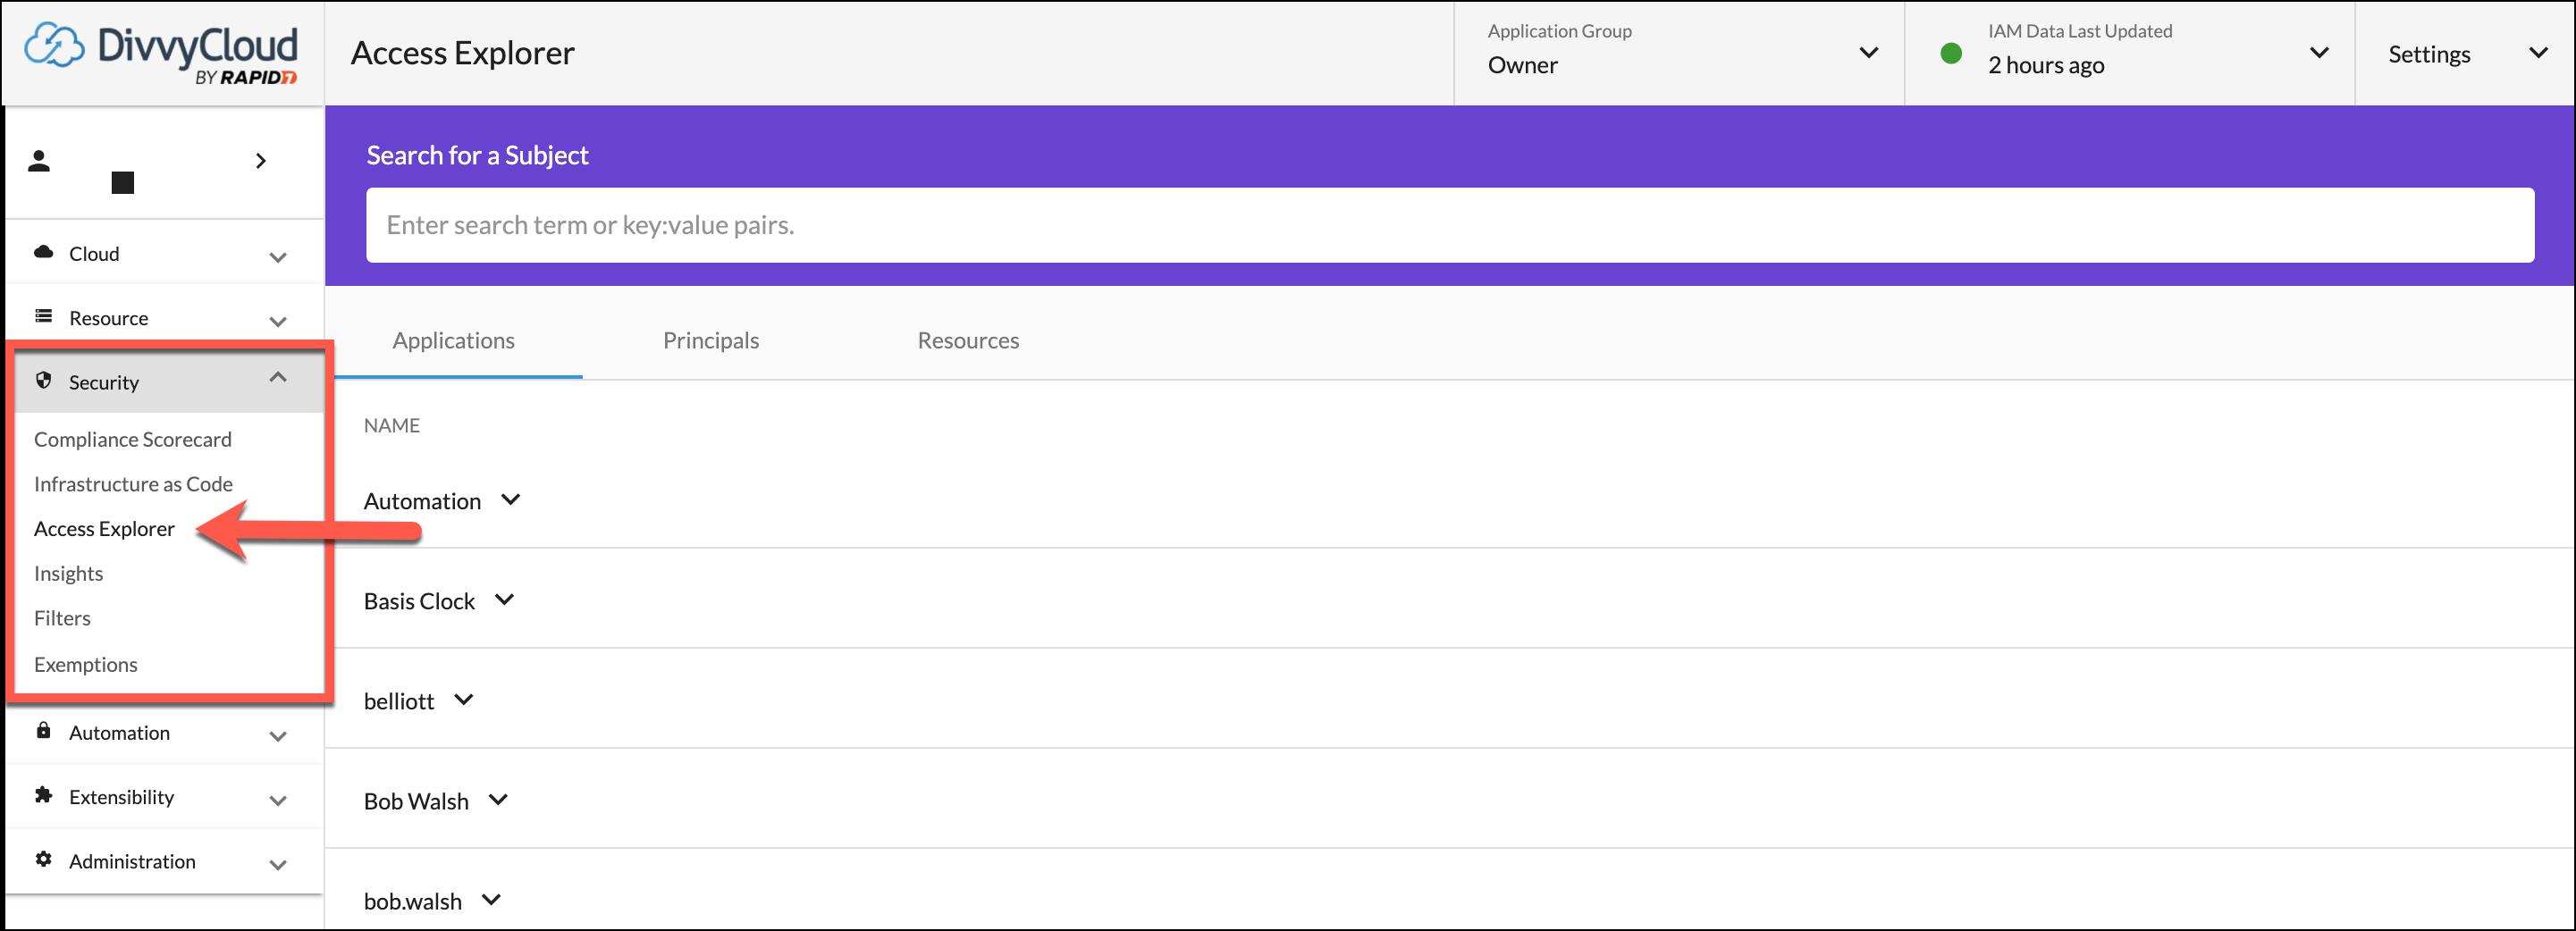 Access Explorer Landing Page